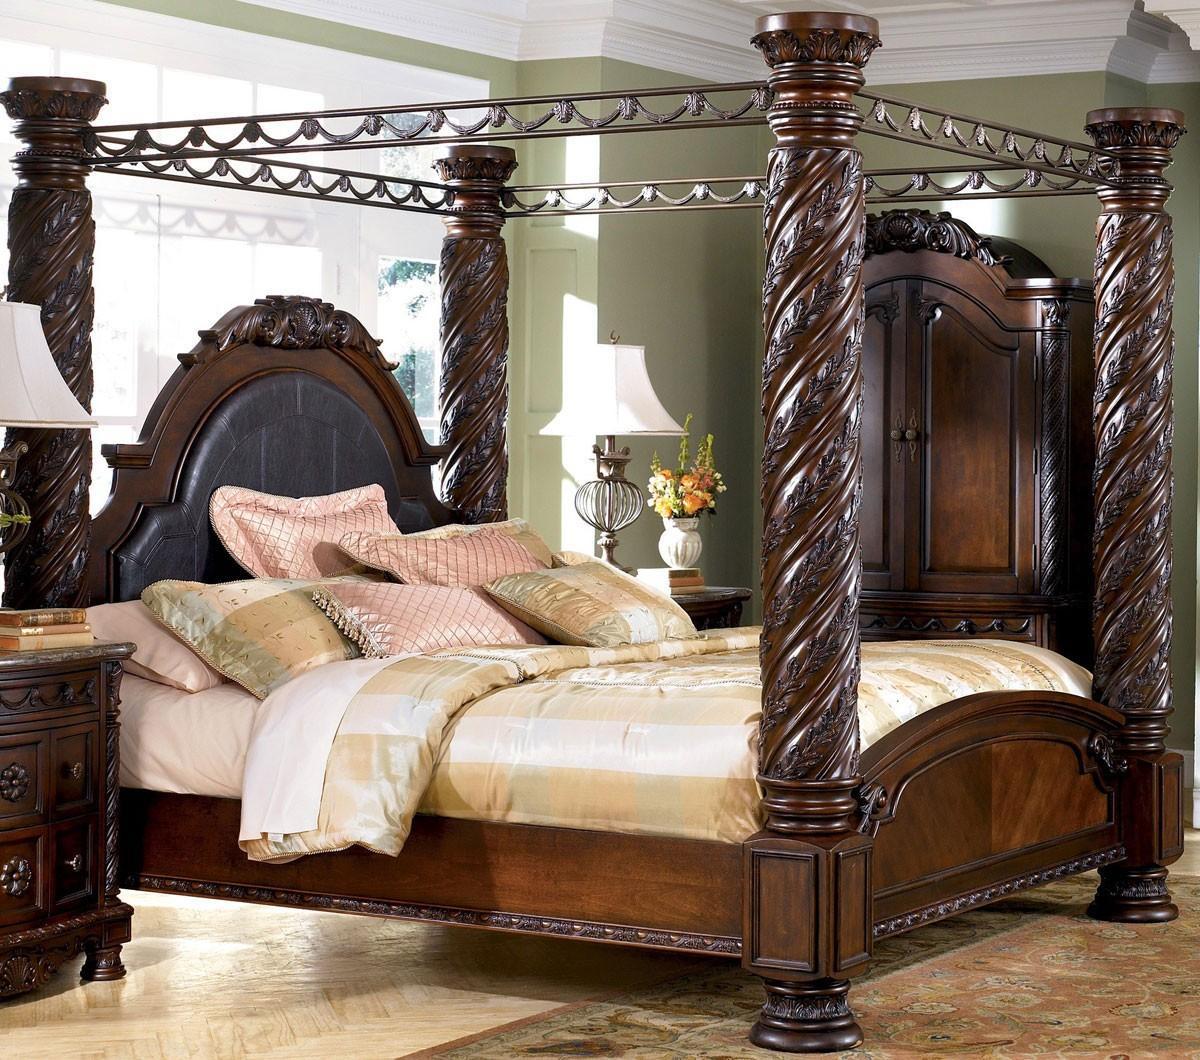 Кровать с резными колоннами